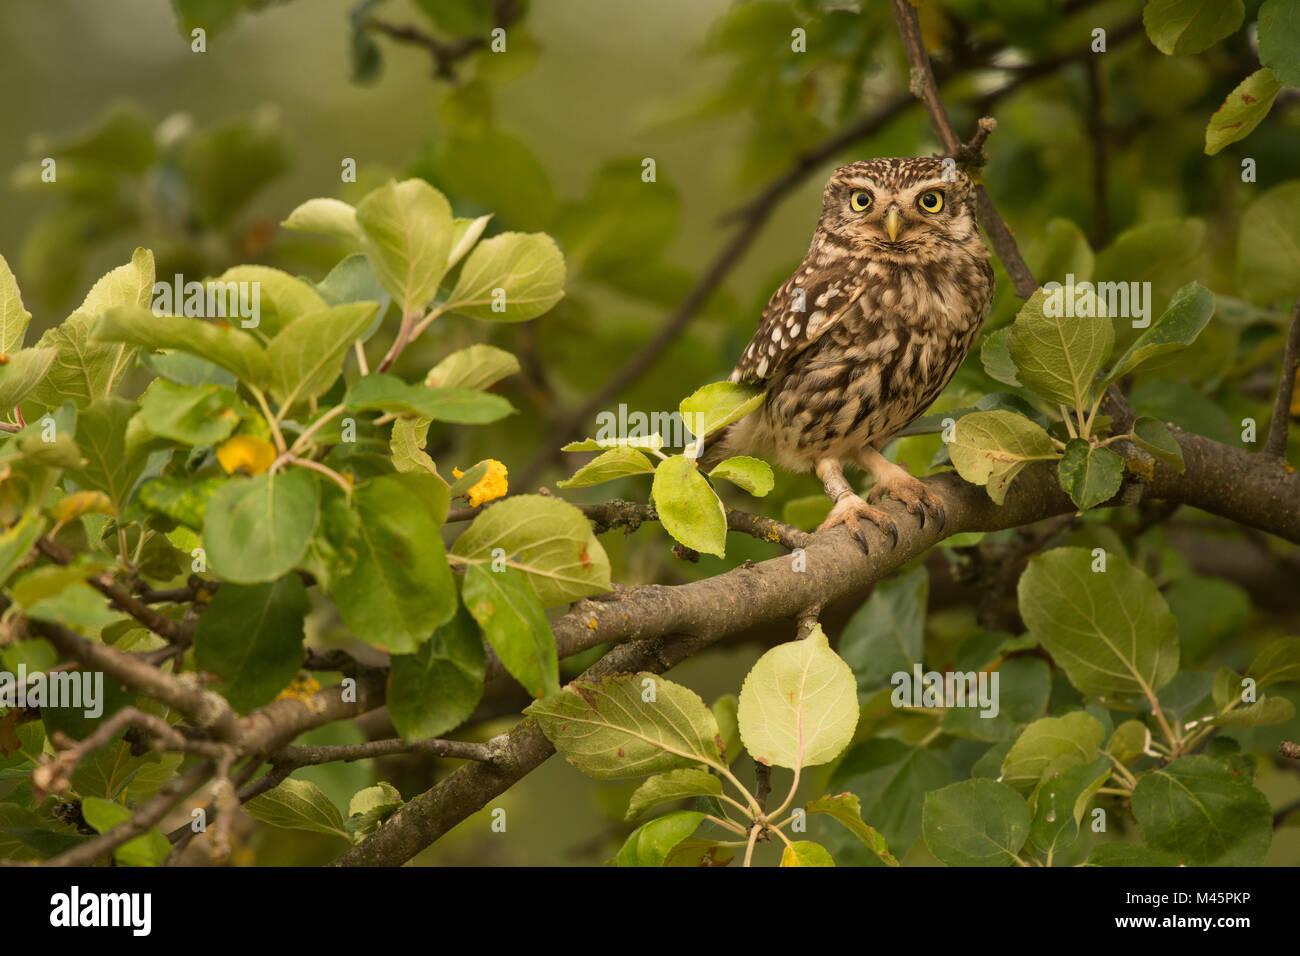 Steinkauz (Athene noctua) sitzt in einem Baum, direkter Blick, Rheinland-Pfalz, Deutschland Stockbild